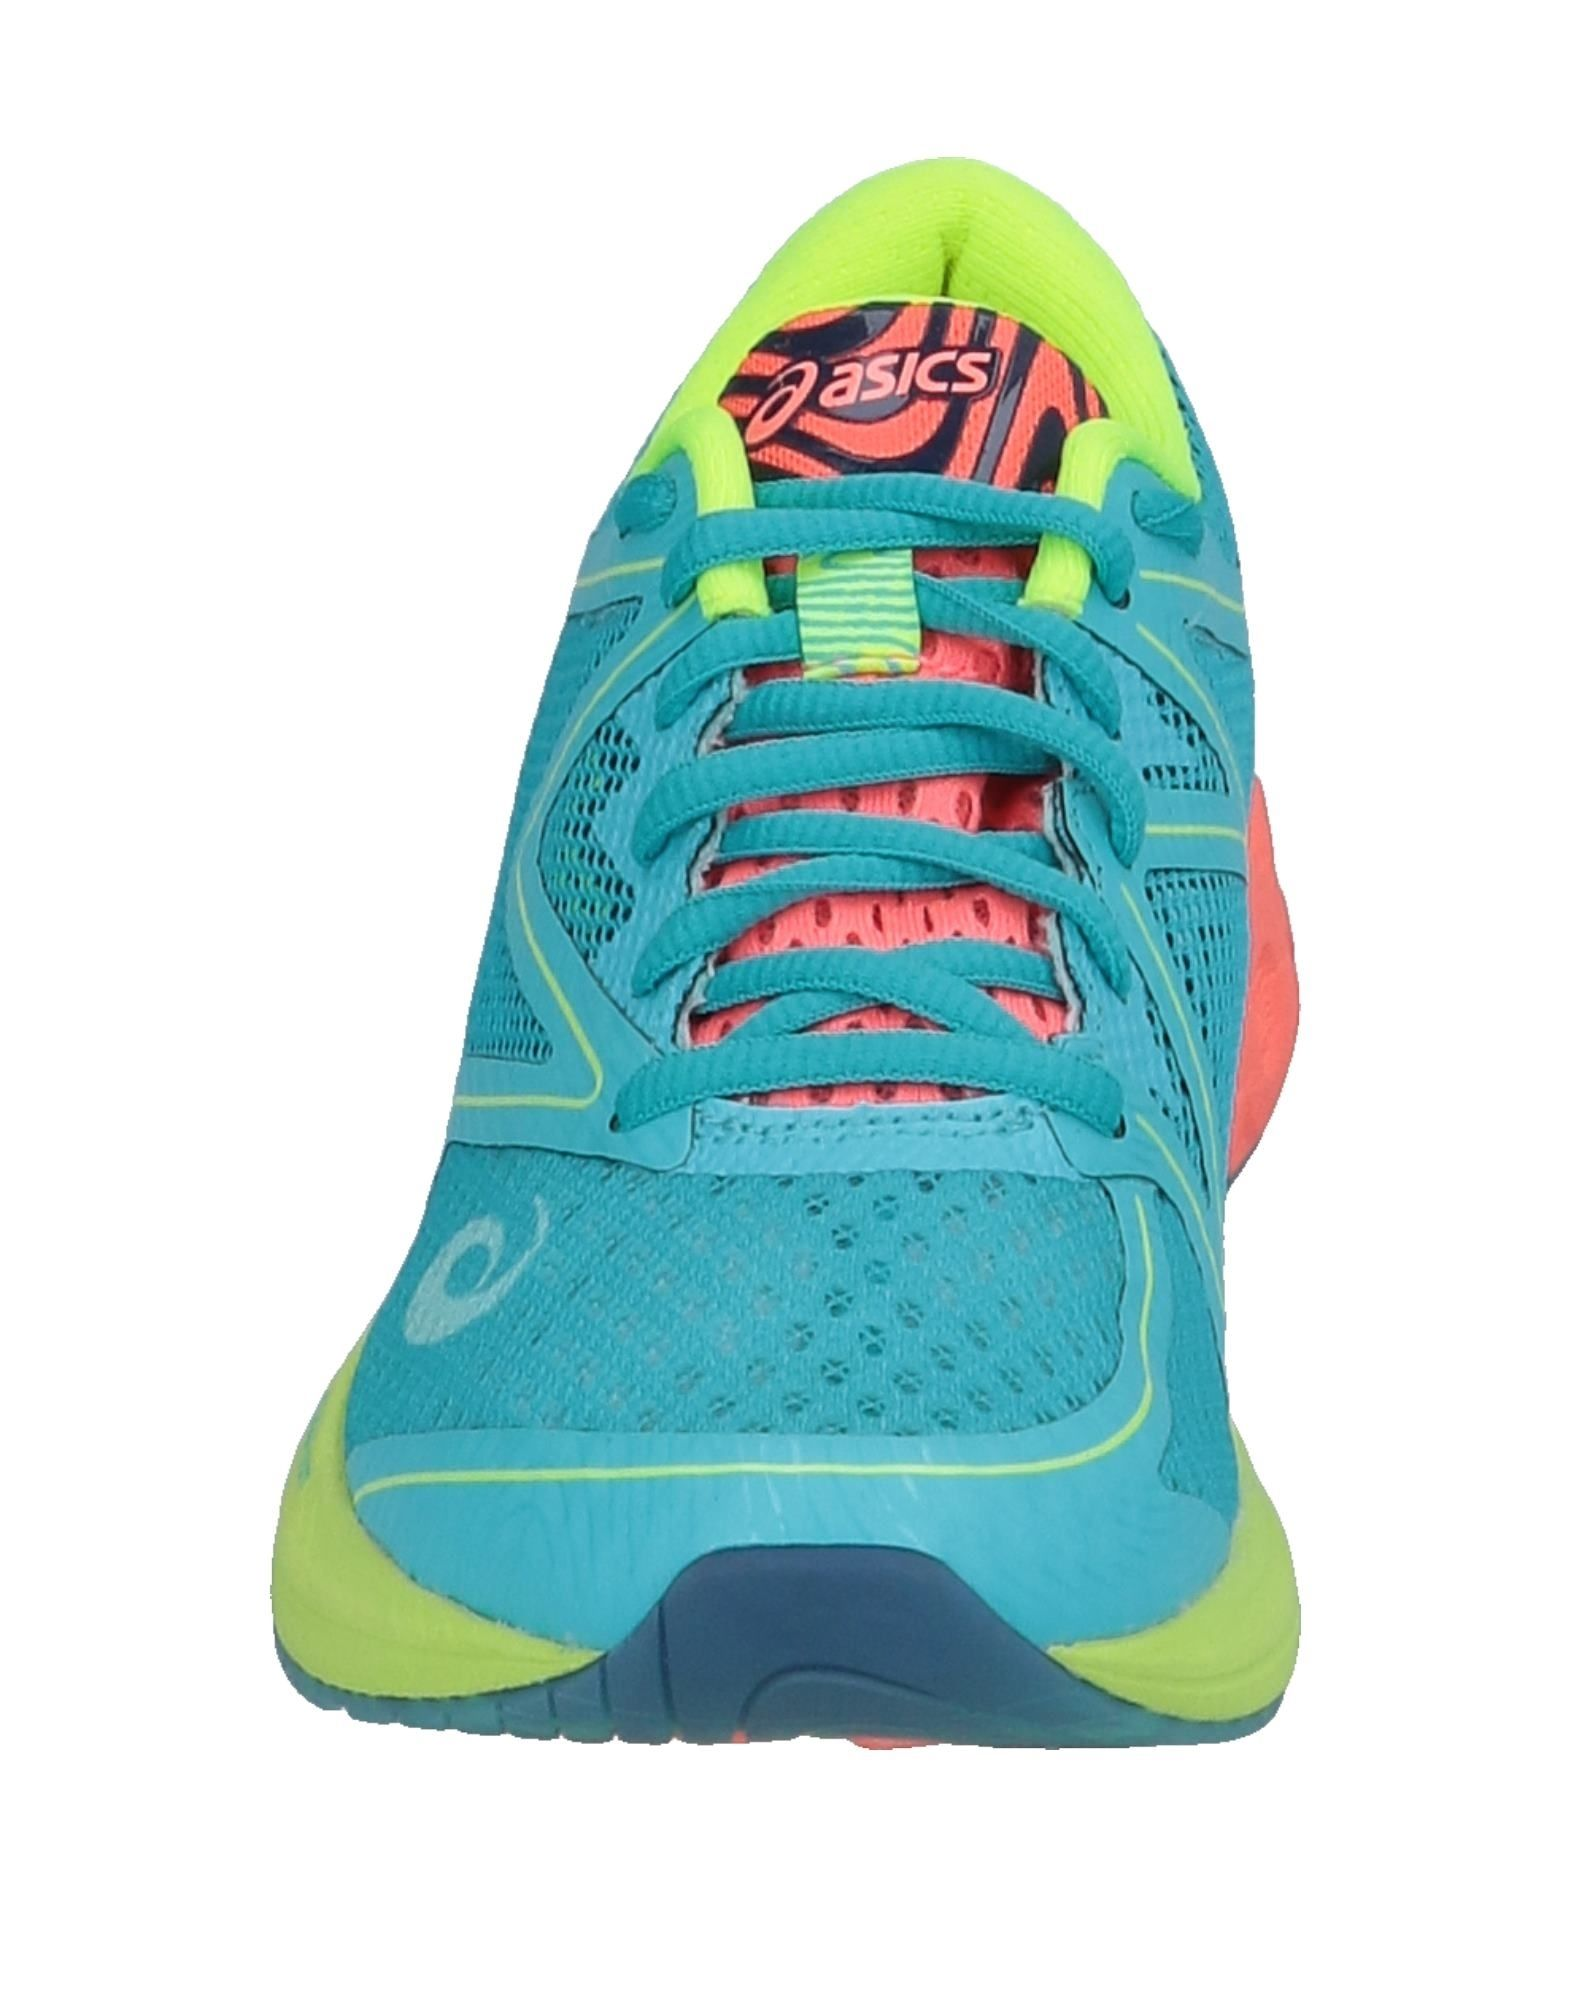 Asics Sneakers Damen  11538457FT Gute Qualität beliebte Schuhe